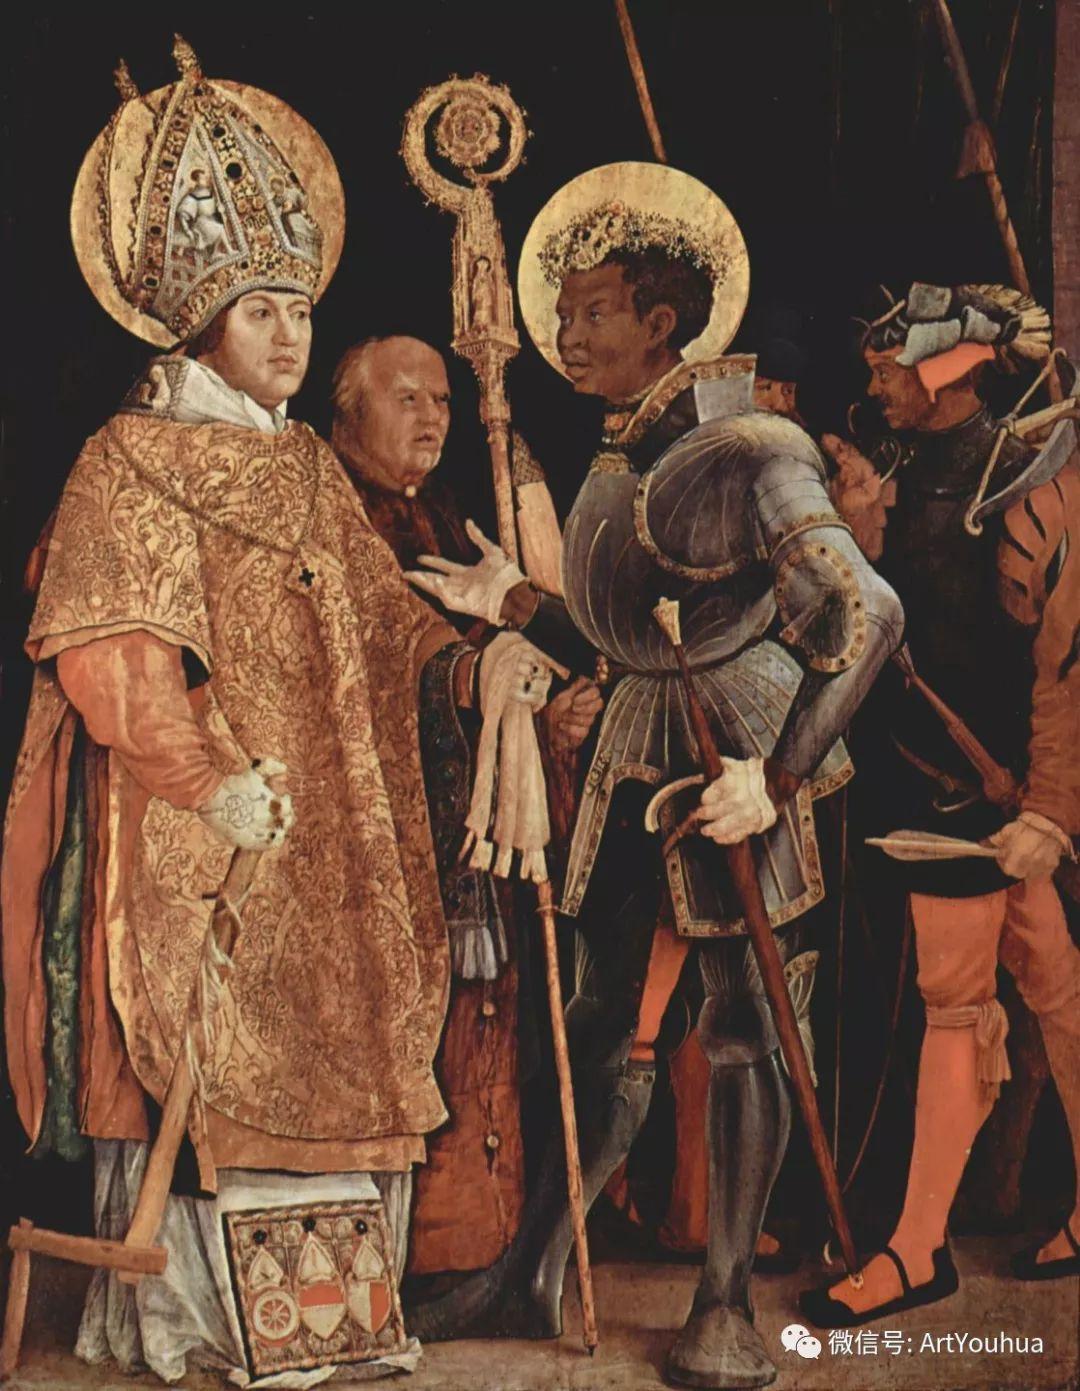 连载No.5 一生要知道的100位世界著名画家之格吕内瓦尔德插图199